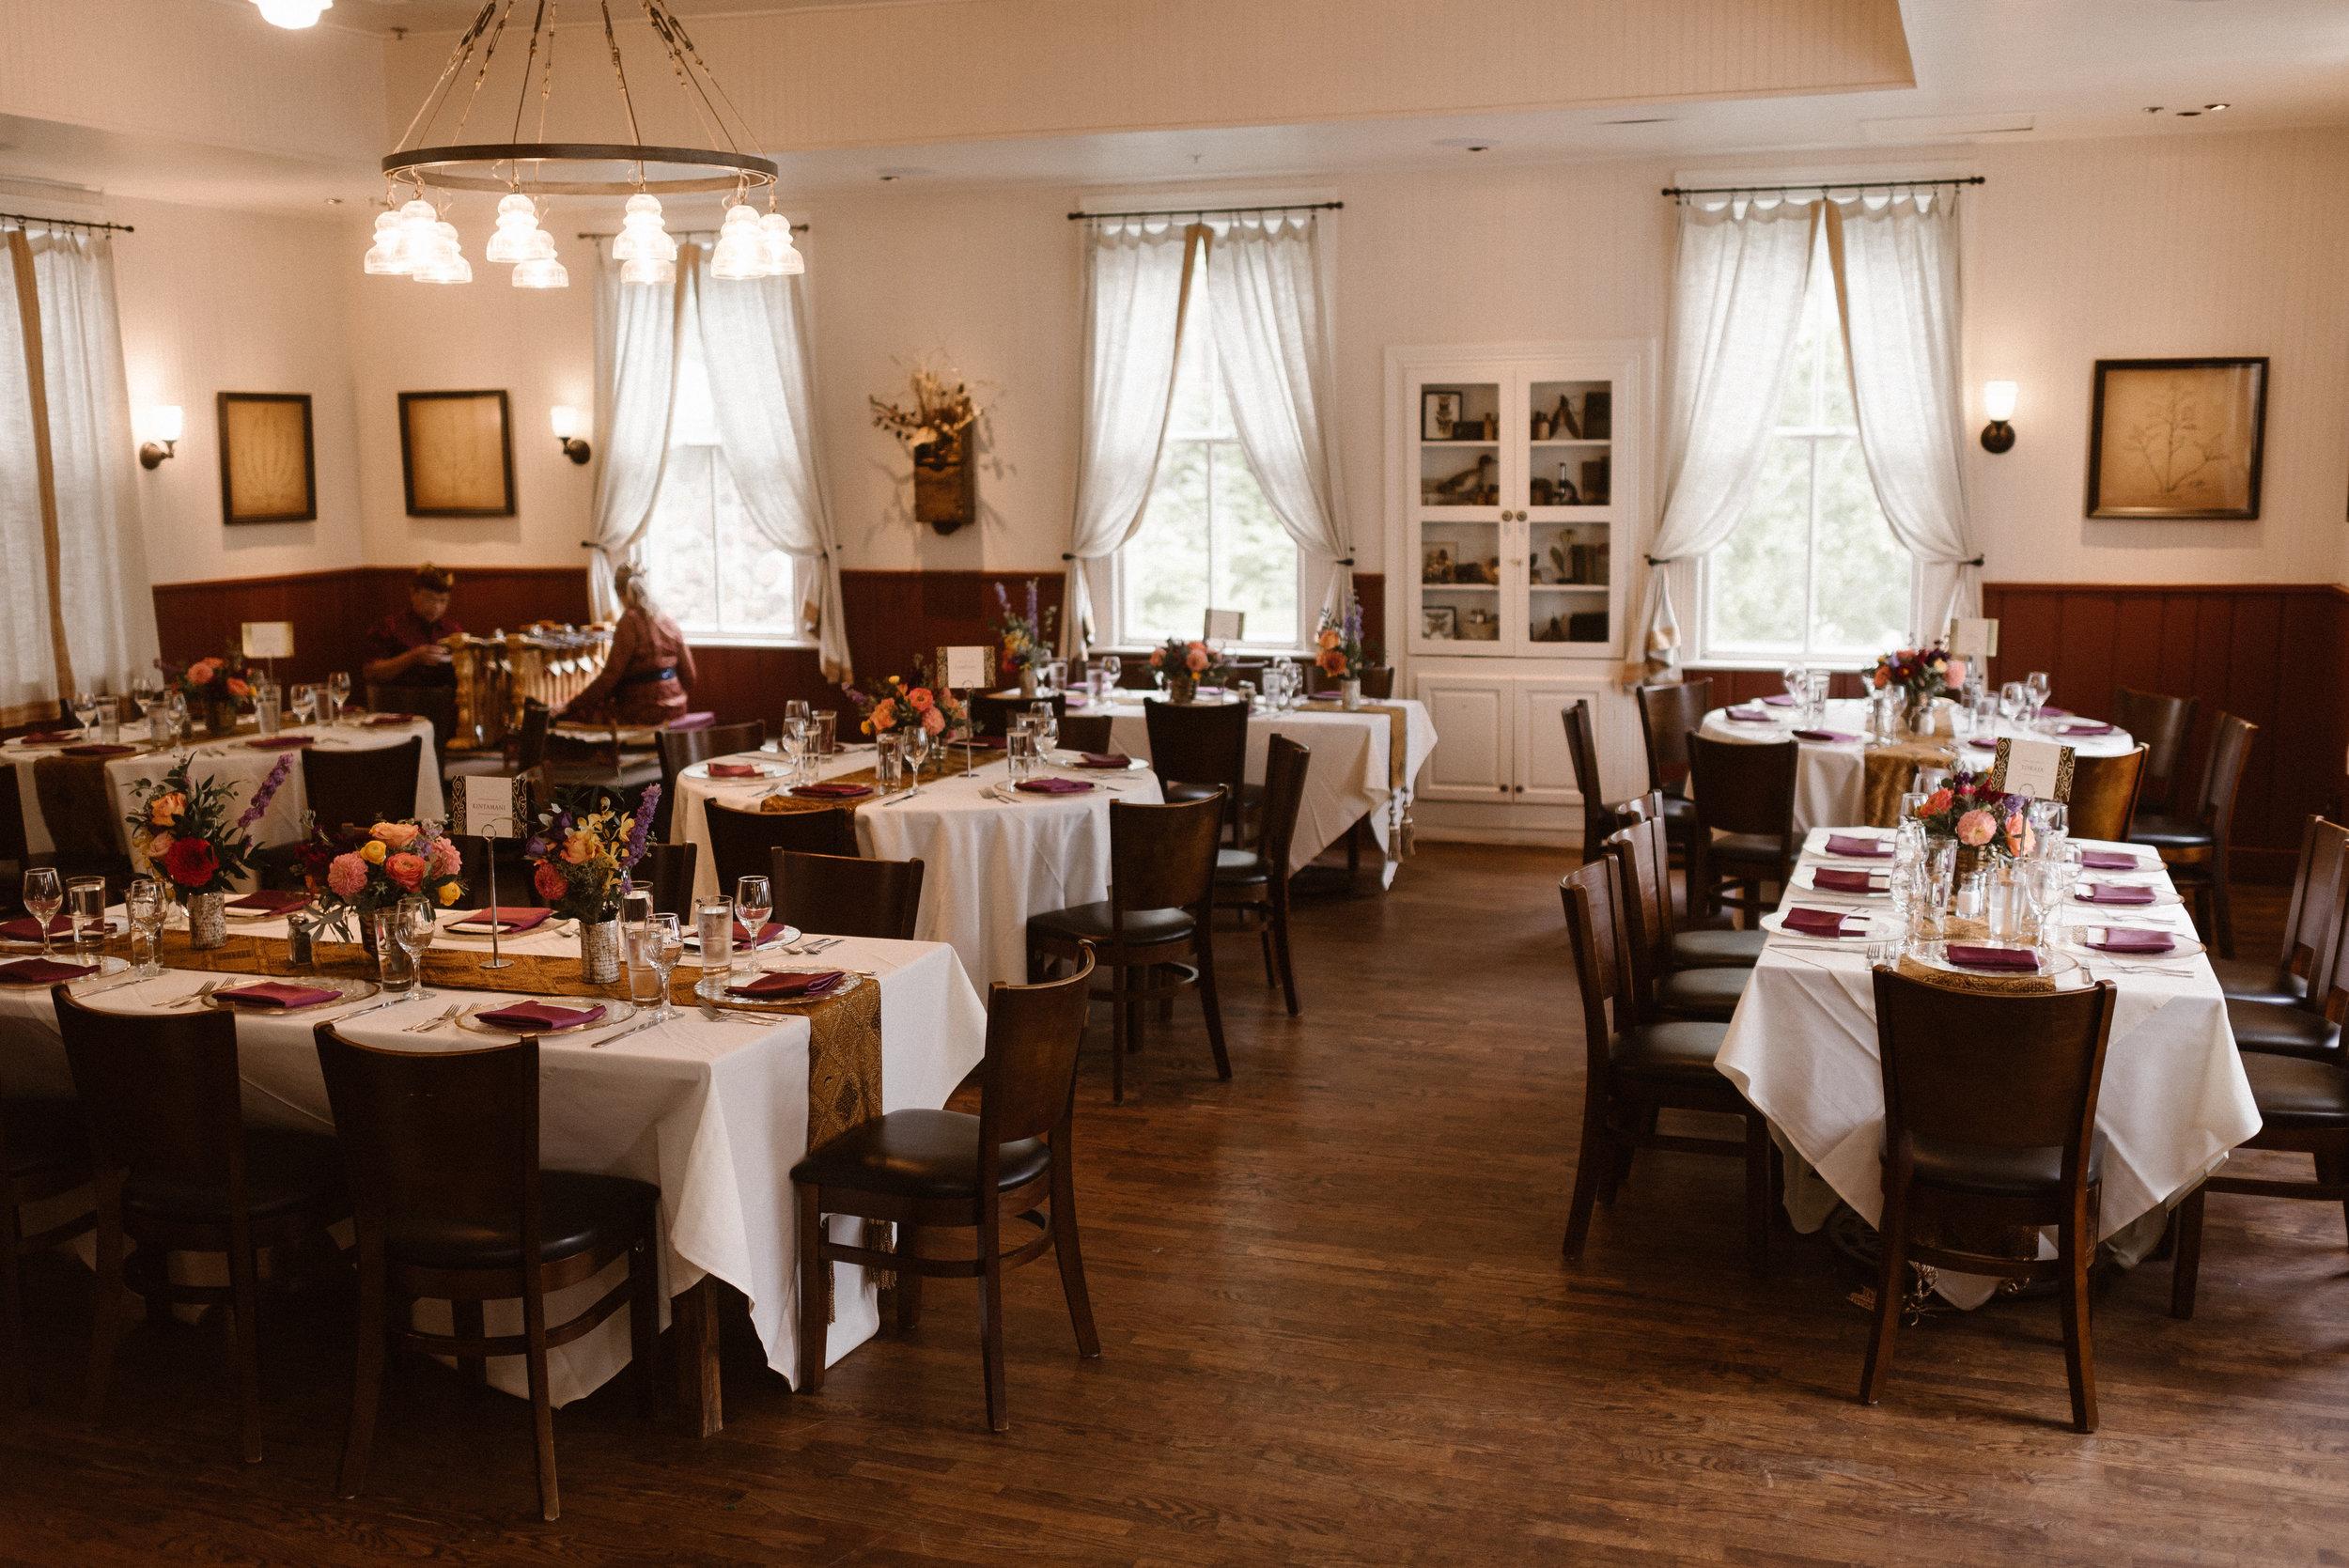 Chautauqua Dining Hall Wedding Reception, Boulder, Colorado